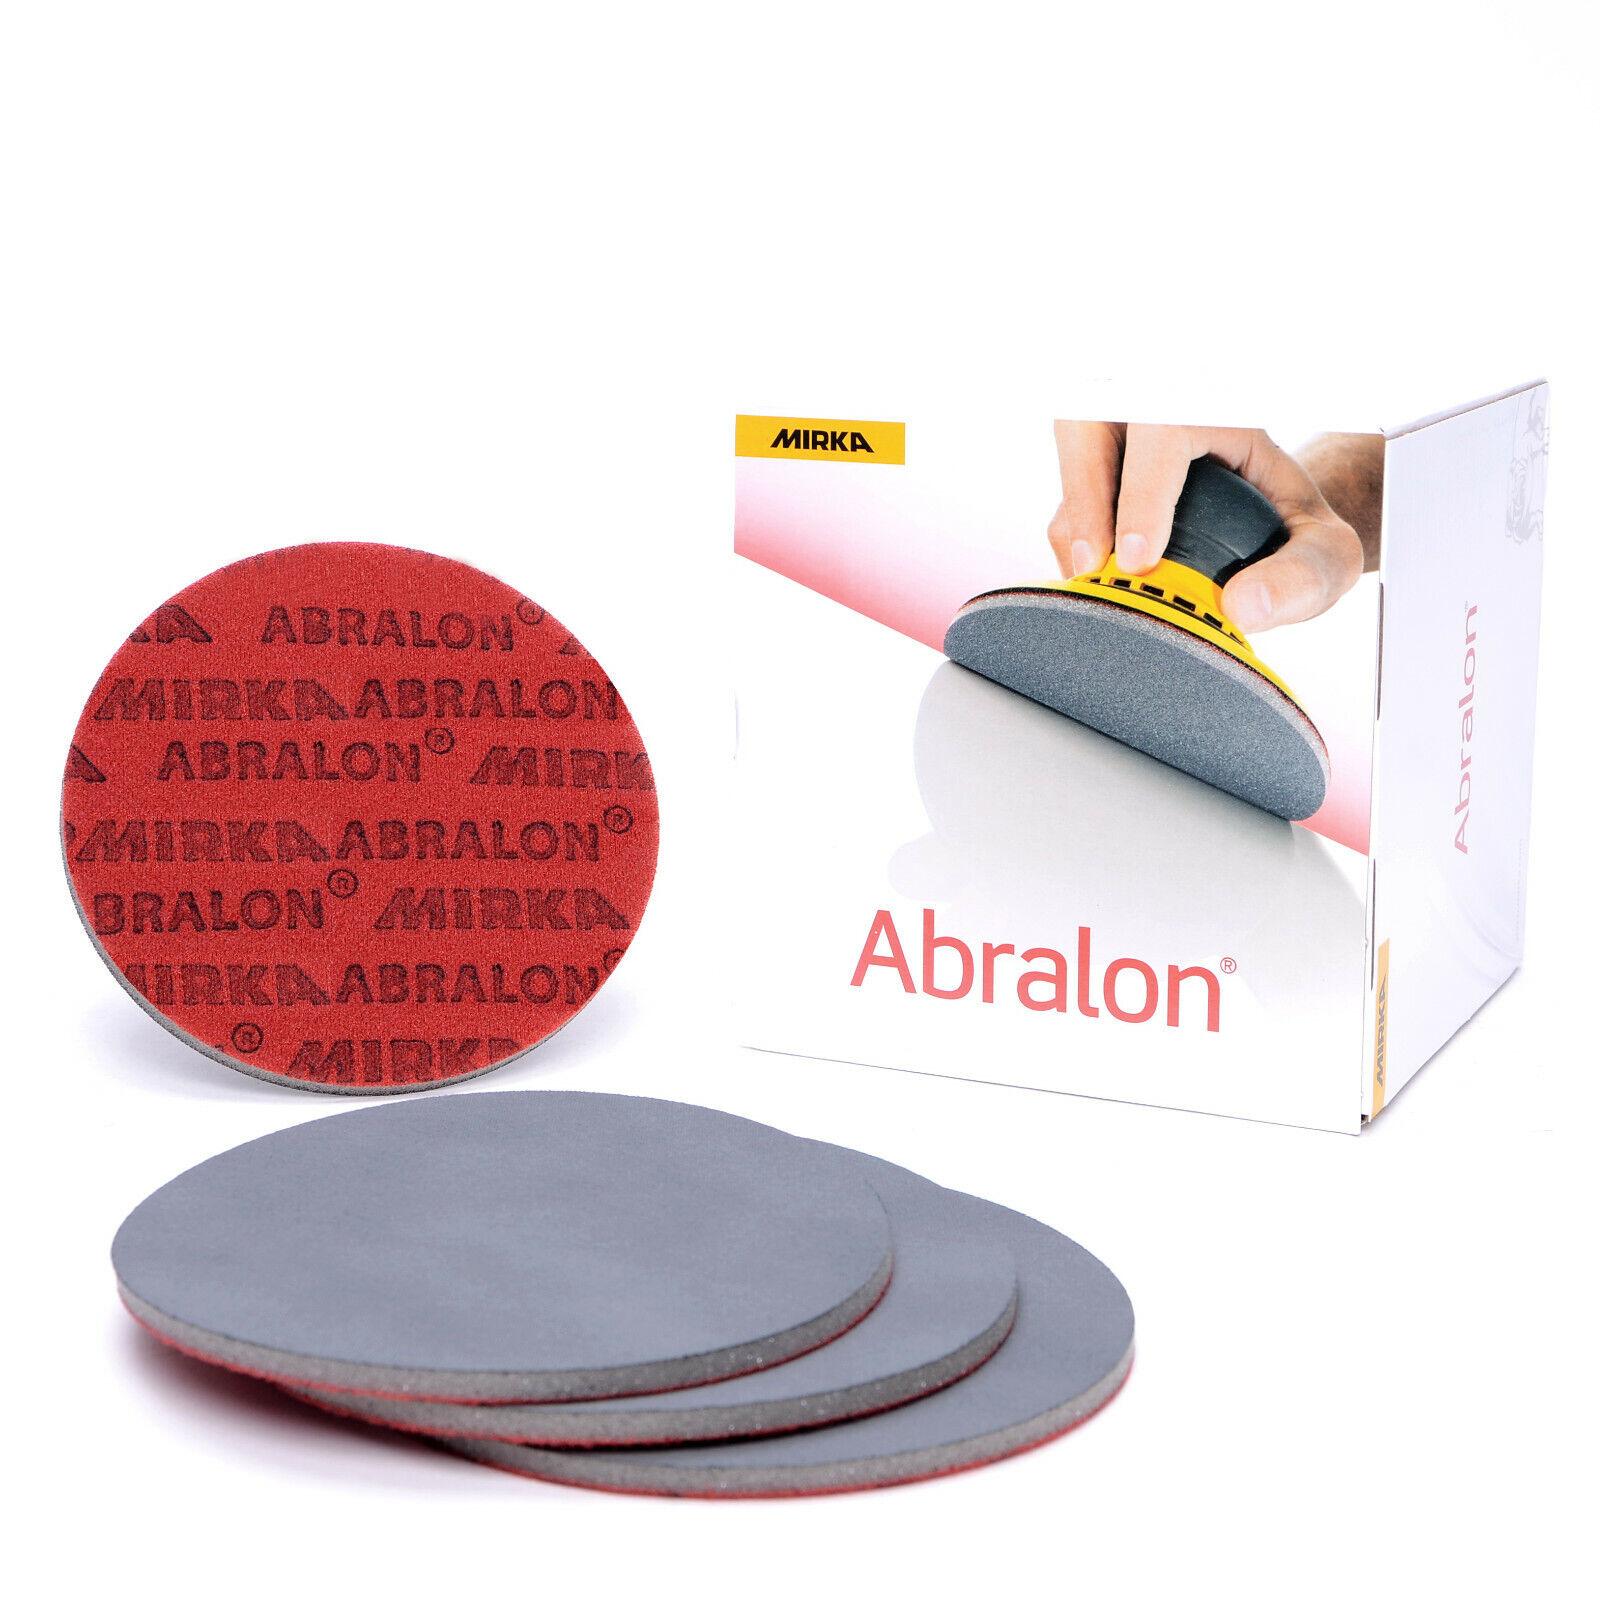 Abralon Schleifscheiben Mirka Schleifpads P180 - P4000 Klett 150mm Excenter